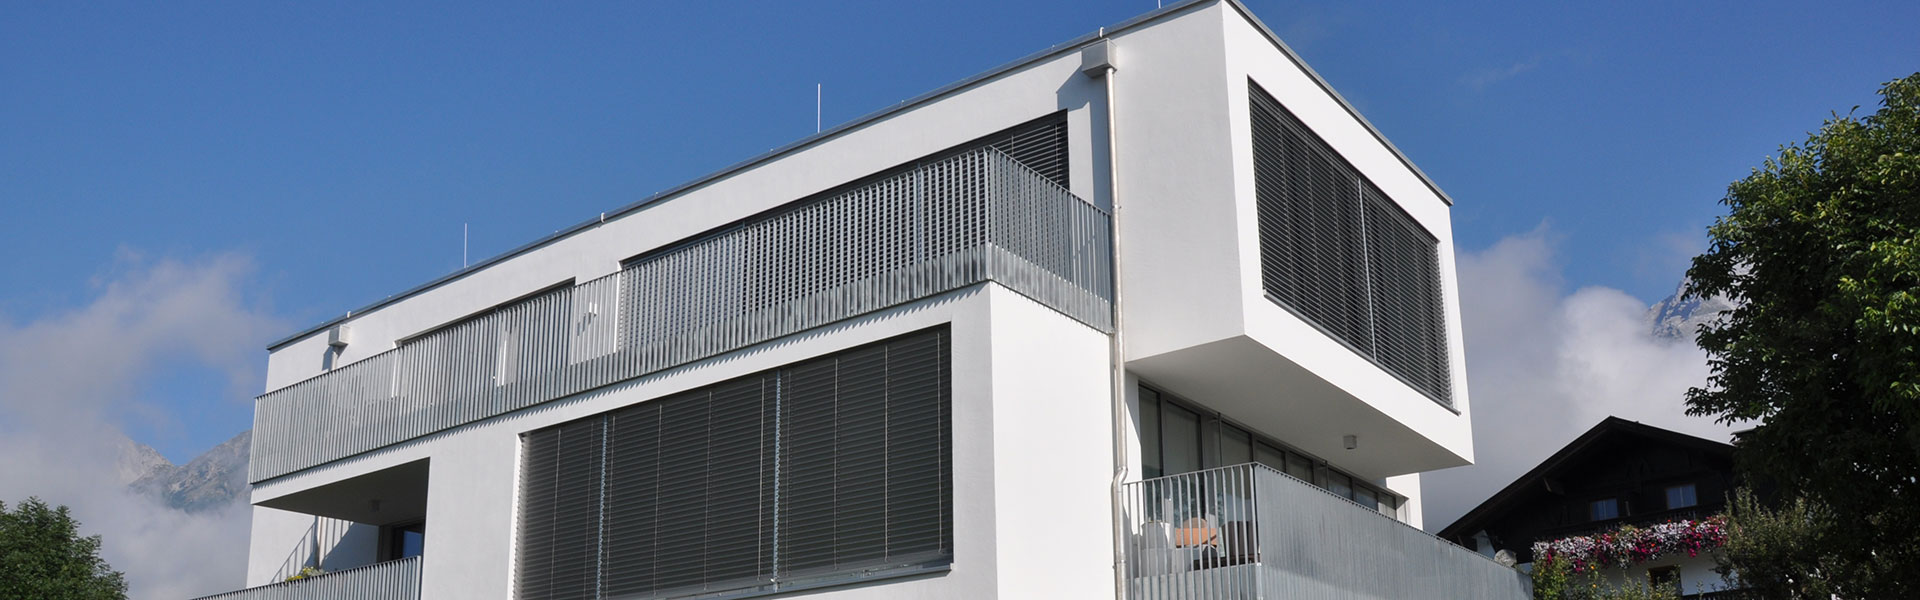 Ennemoser Sonnenschutz - Raffstore